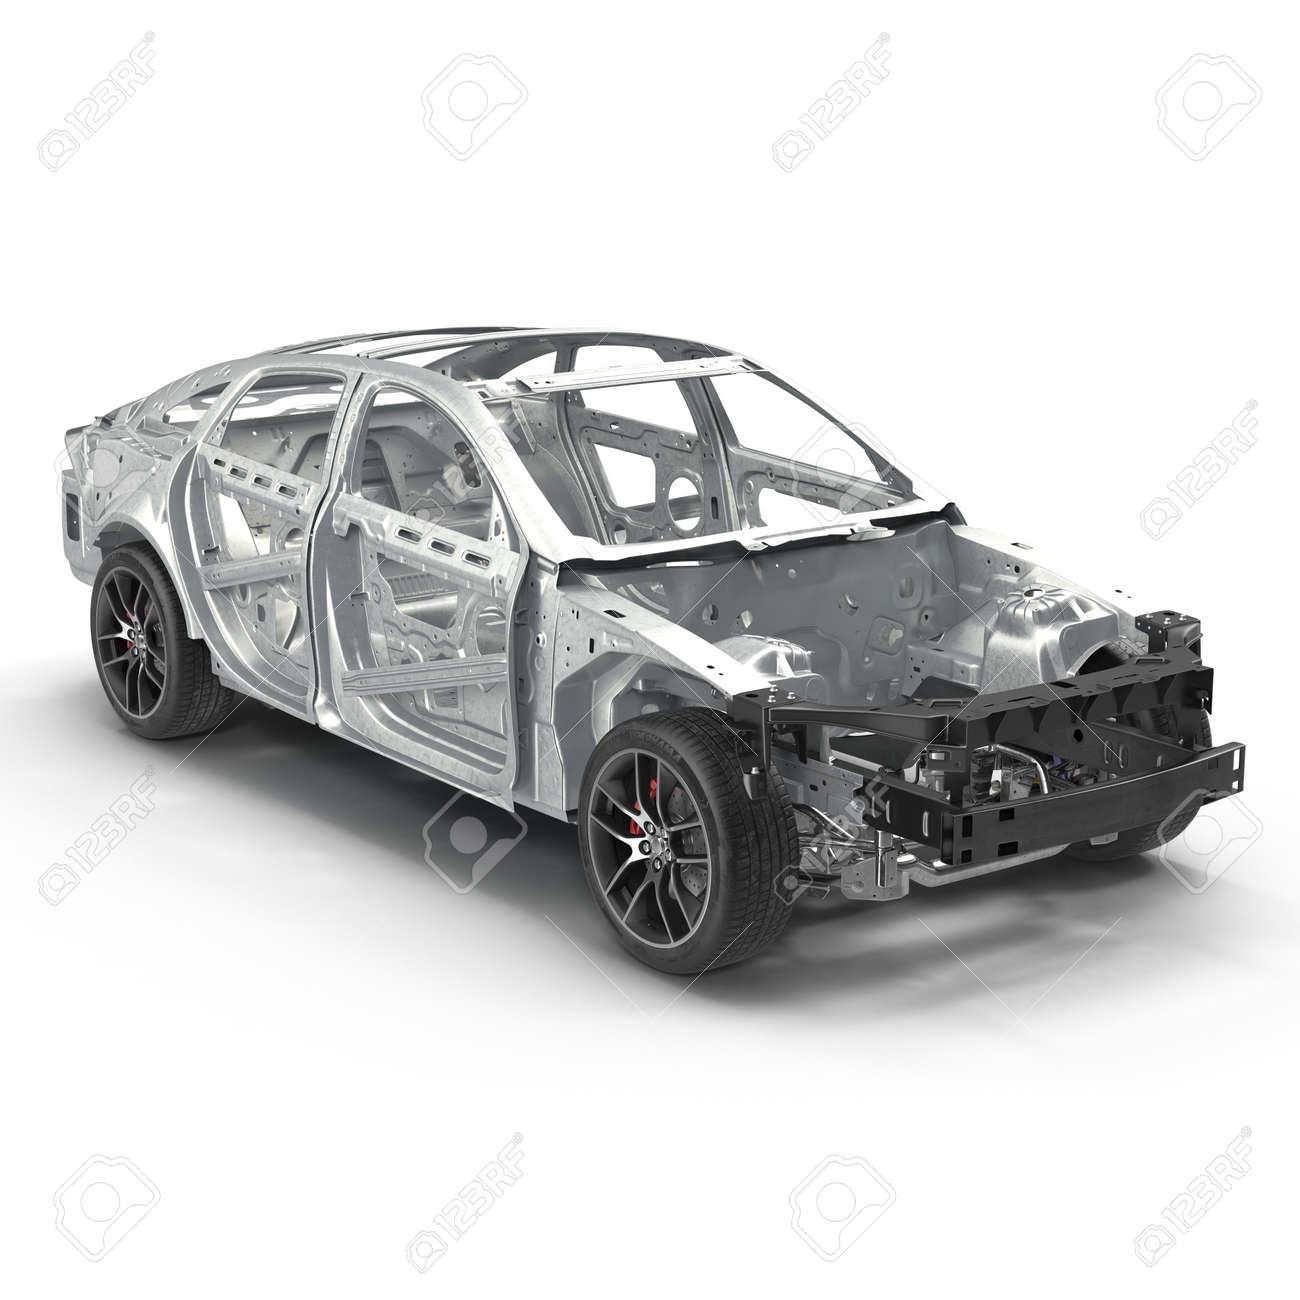 Auto-Rahmen Mit Chassis Auf Weiß. 3D-Darstellung Lizenzfreie Fotos ...